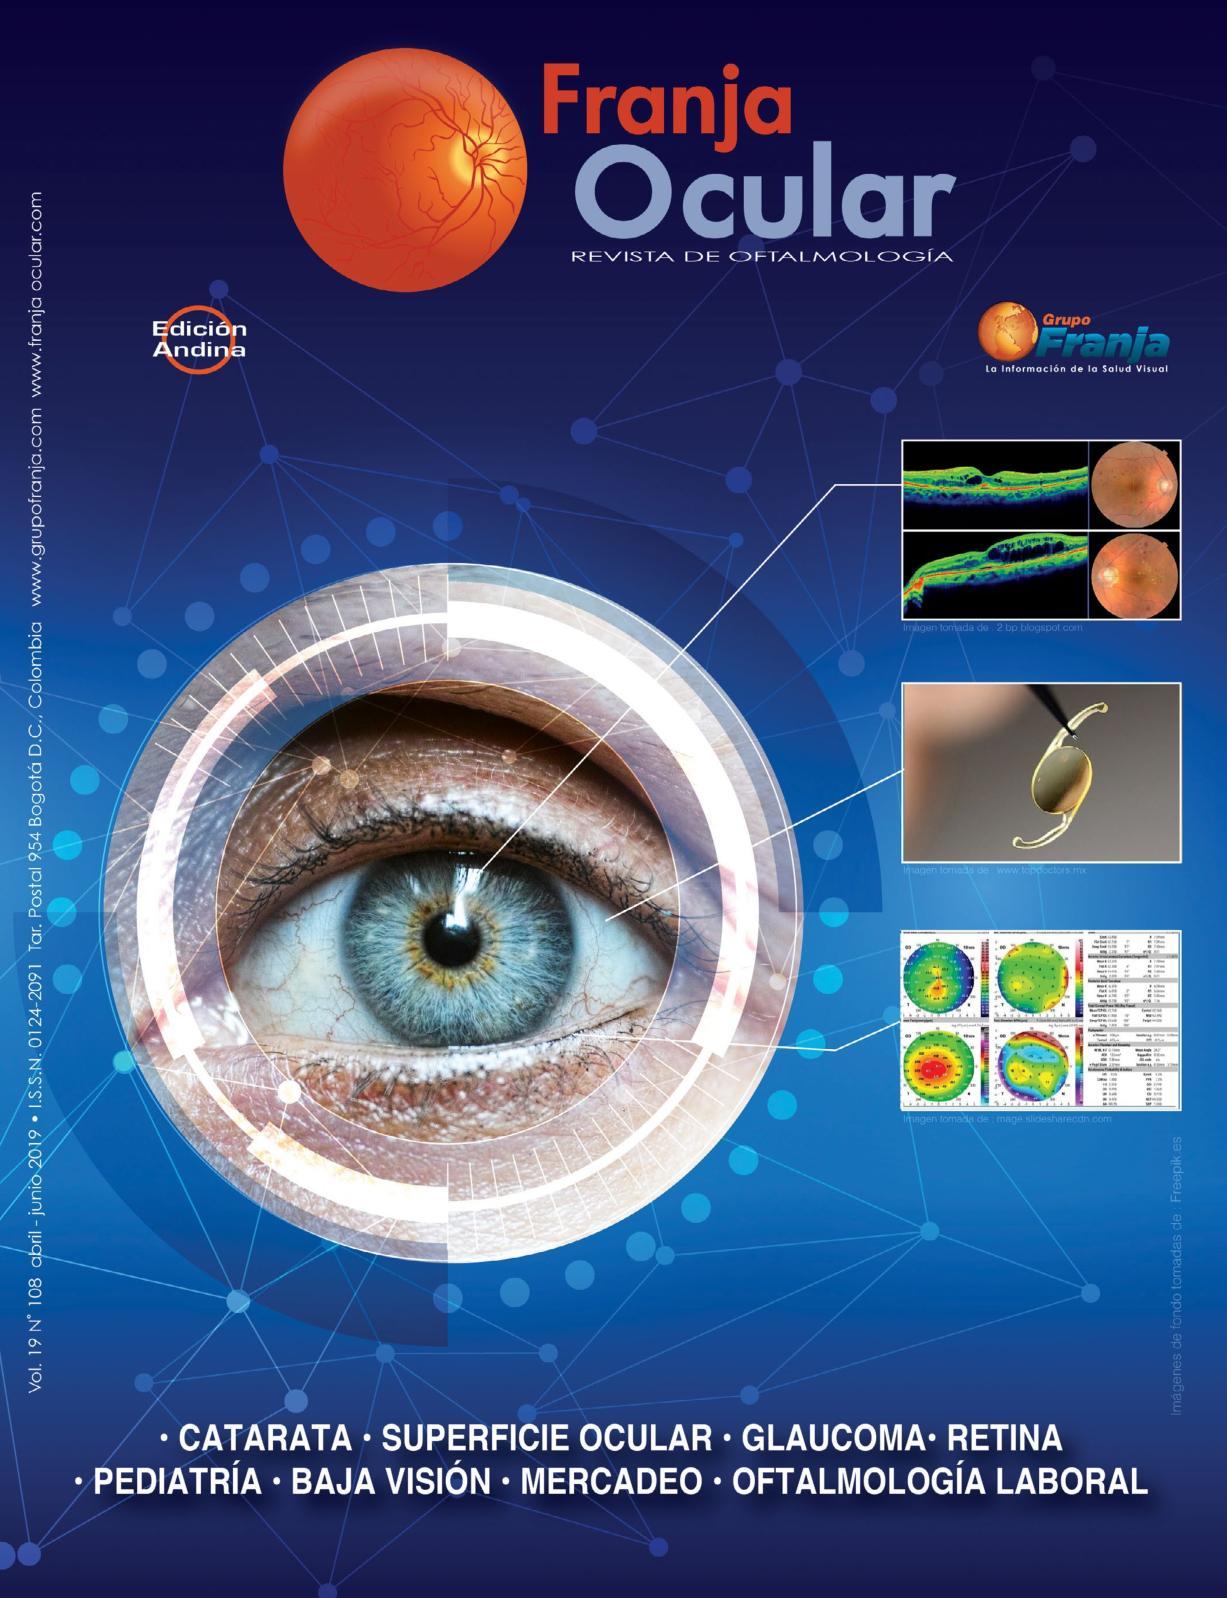 examen digital de la próstata retiniana